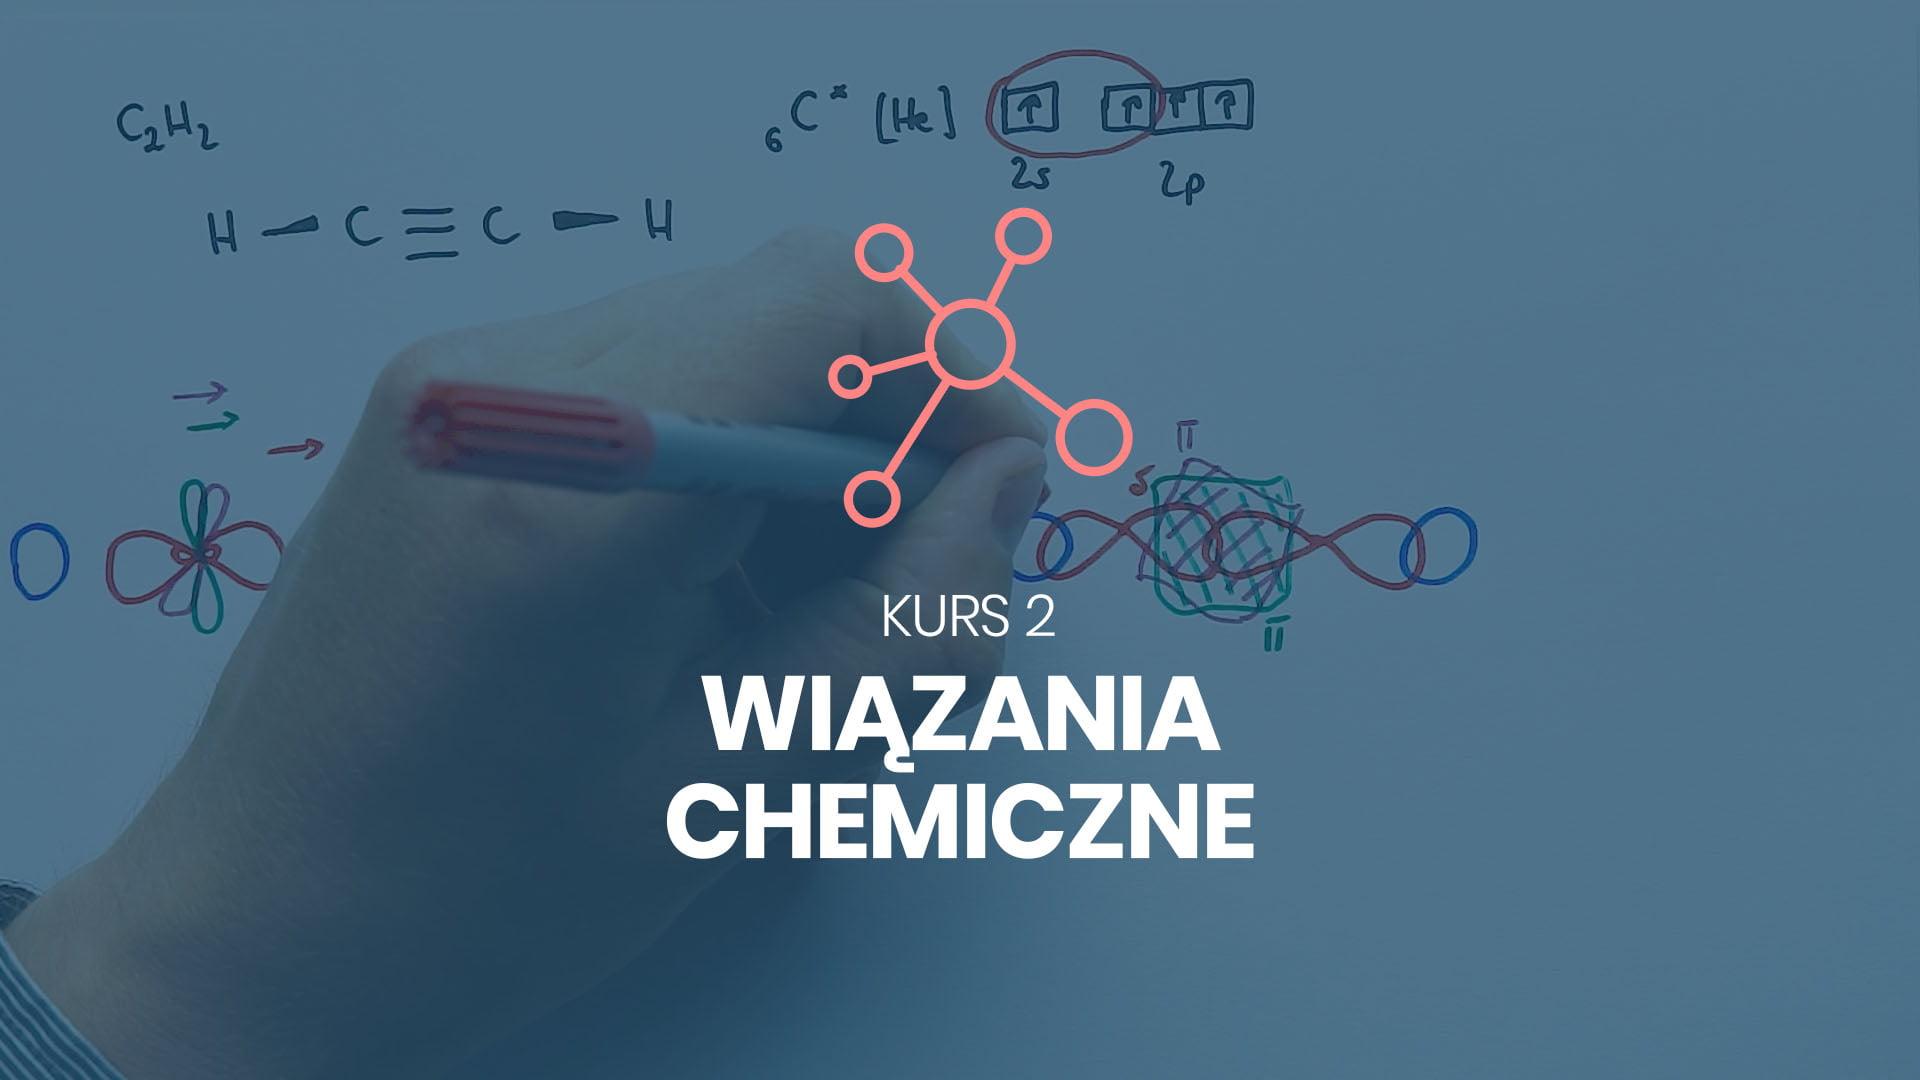 kurs 2 wiązania chemiczne chemia na 100%